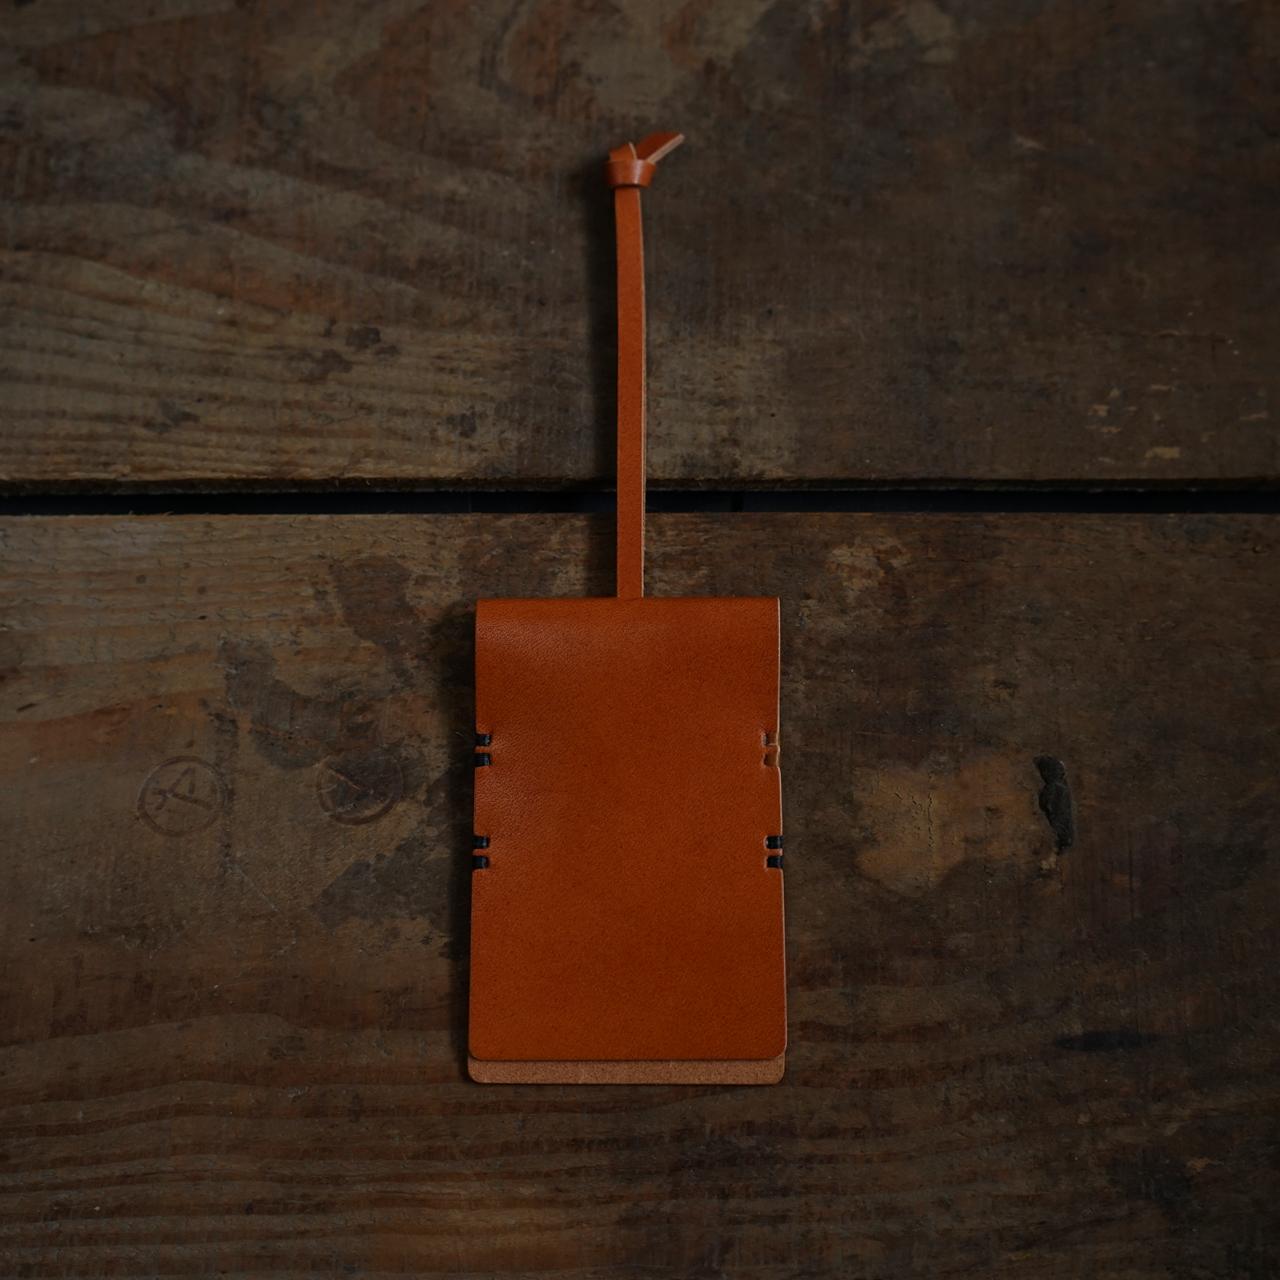 【縫い糸のカスタマイズ】鍵袋 柿渋染 + 縫い糸「黒と黄」